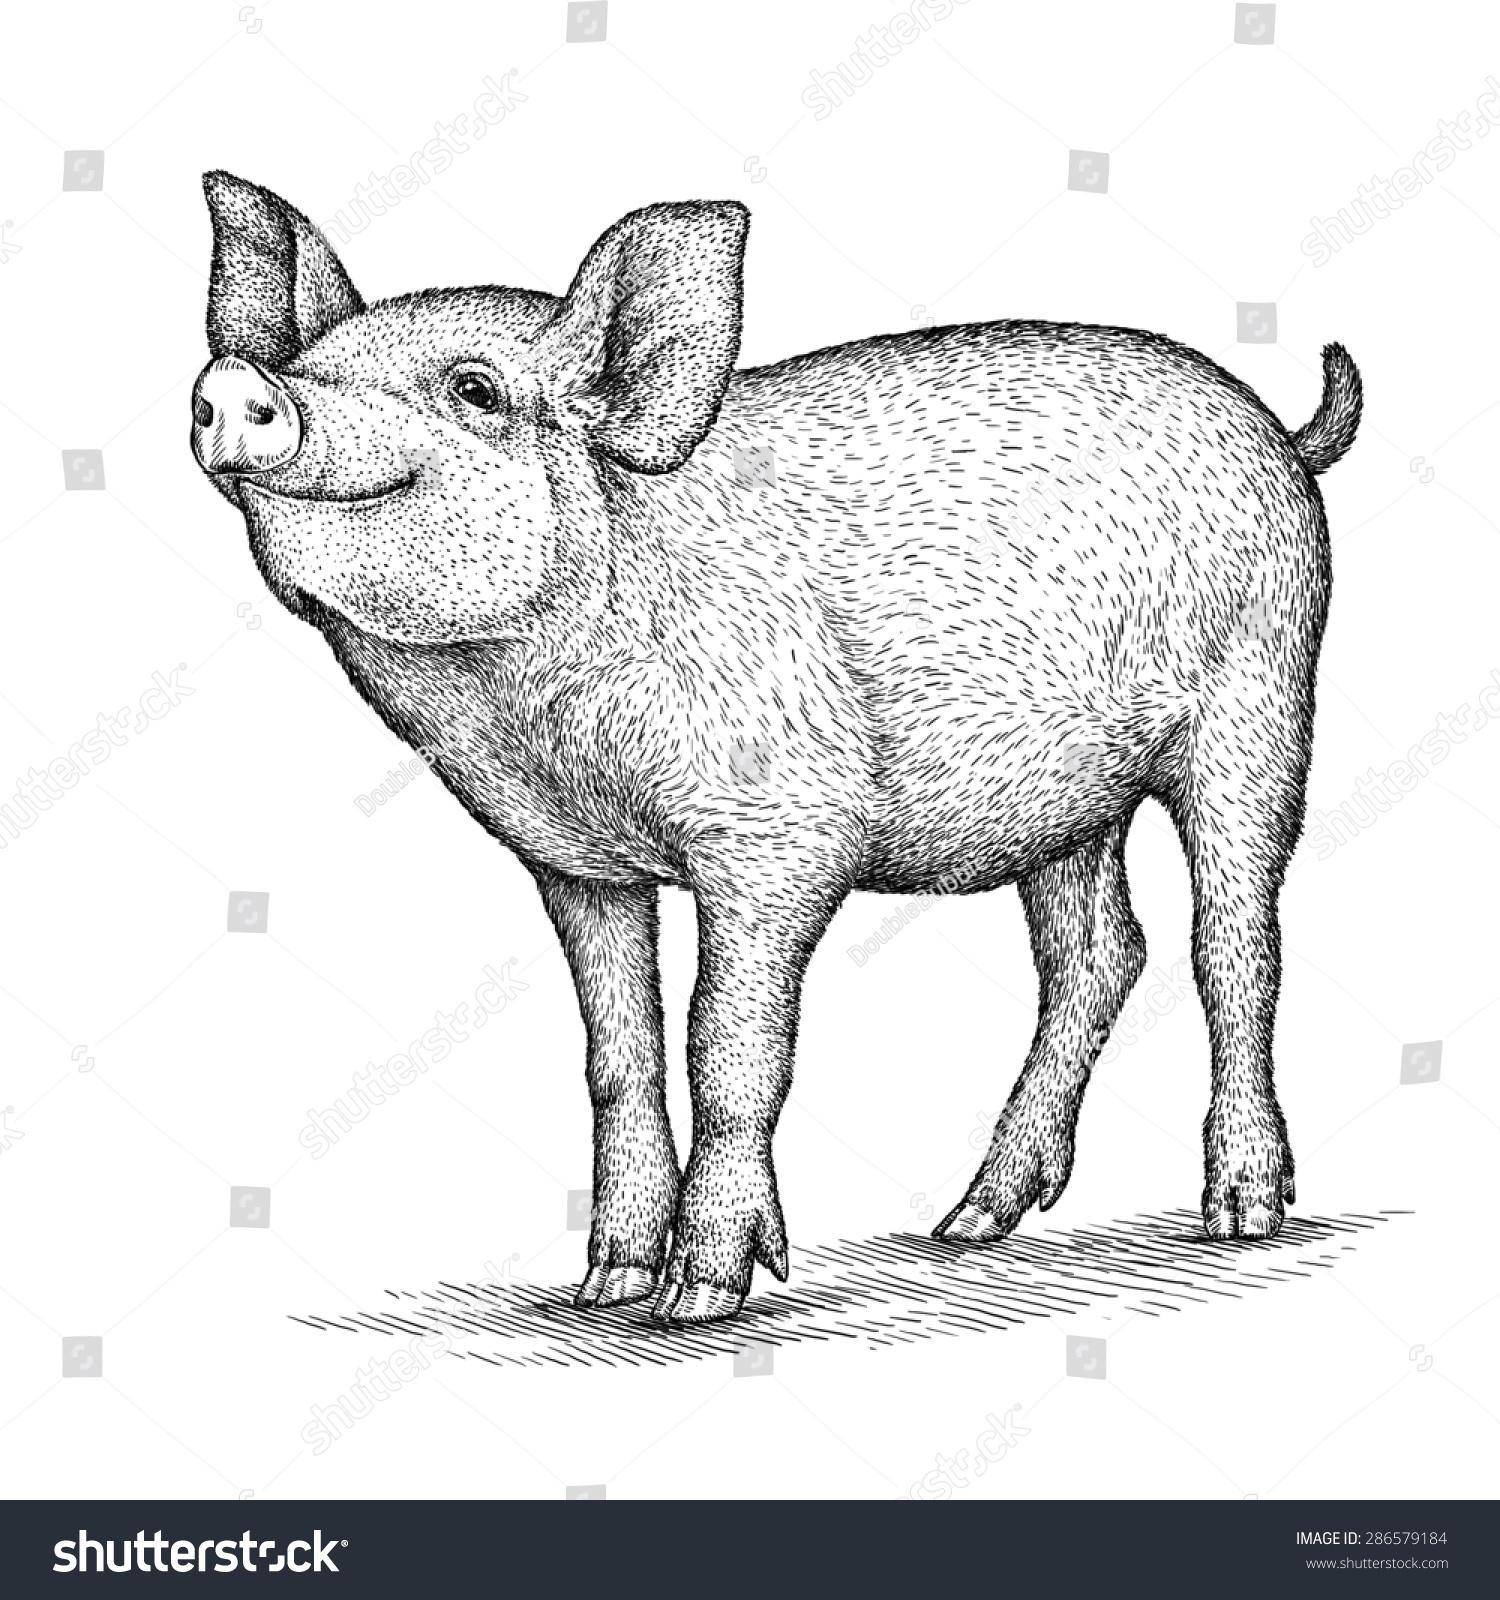 黑白插图版画的猪在白色背景上-动物/野生生物,艺术